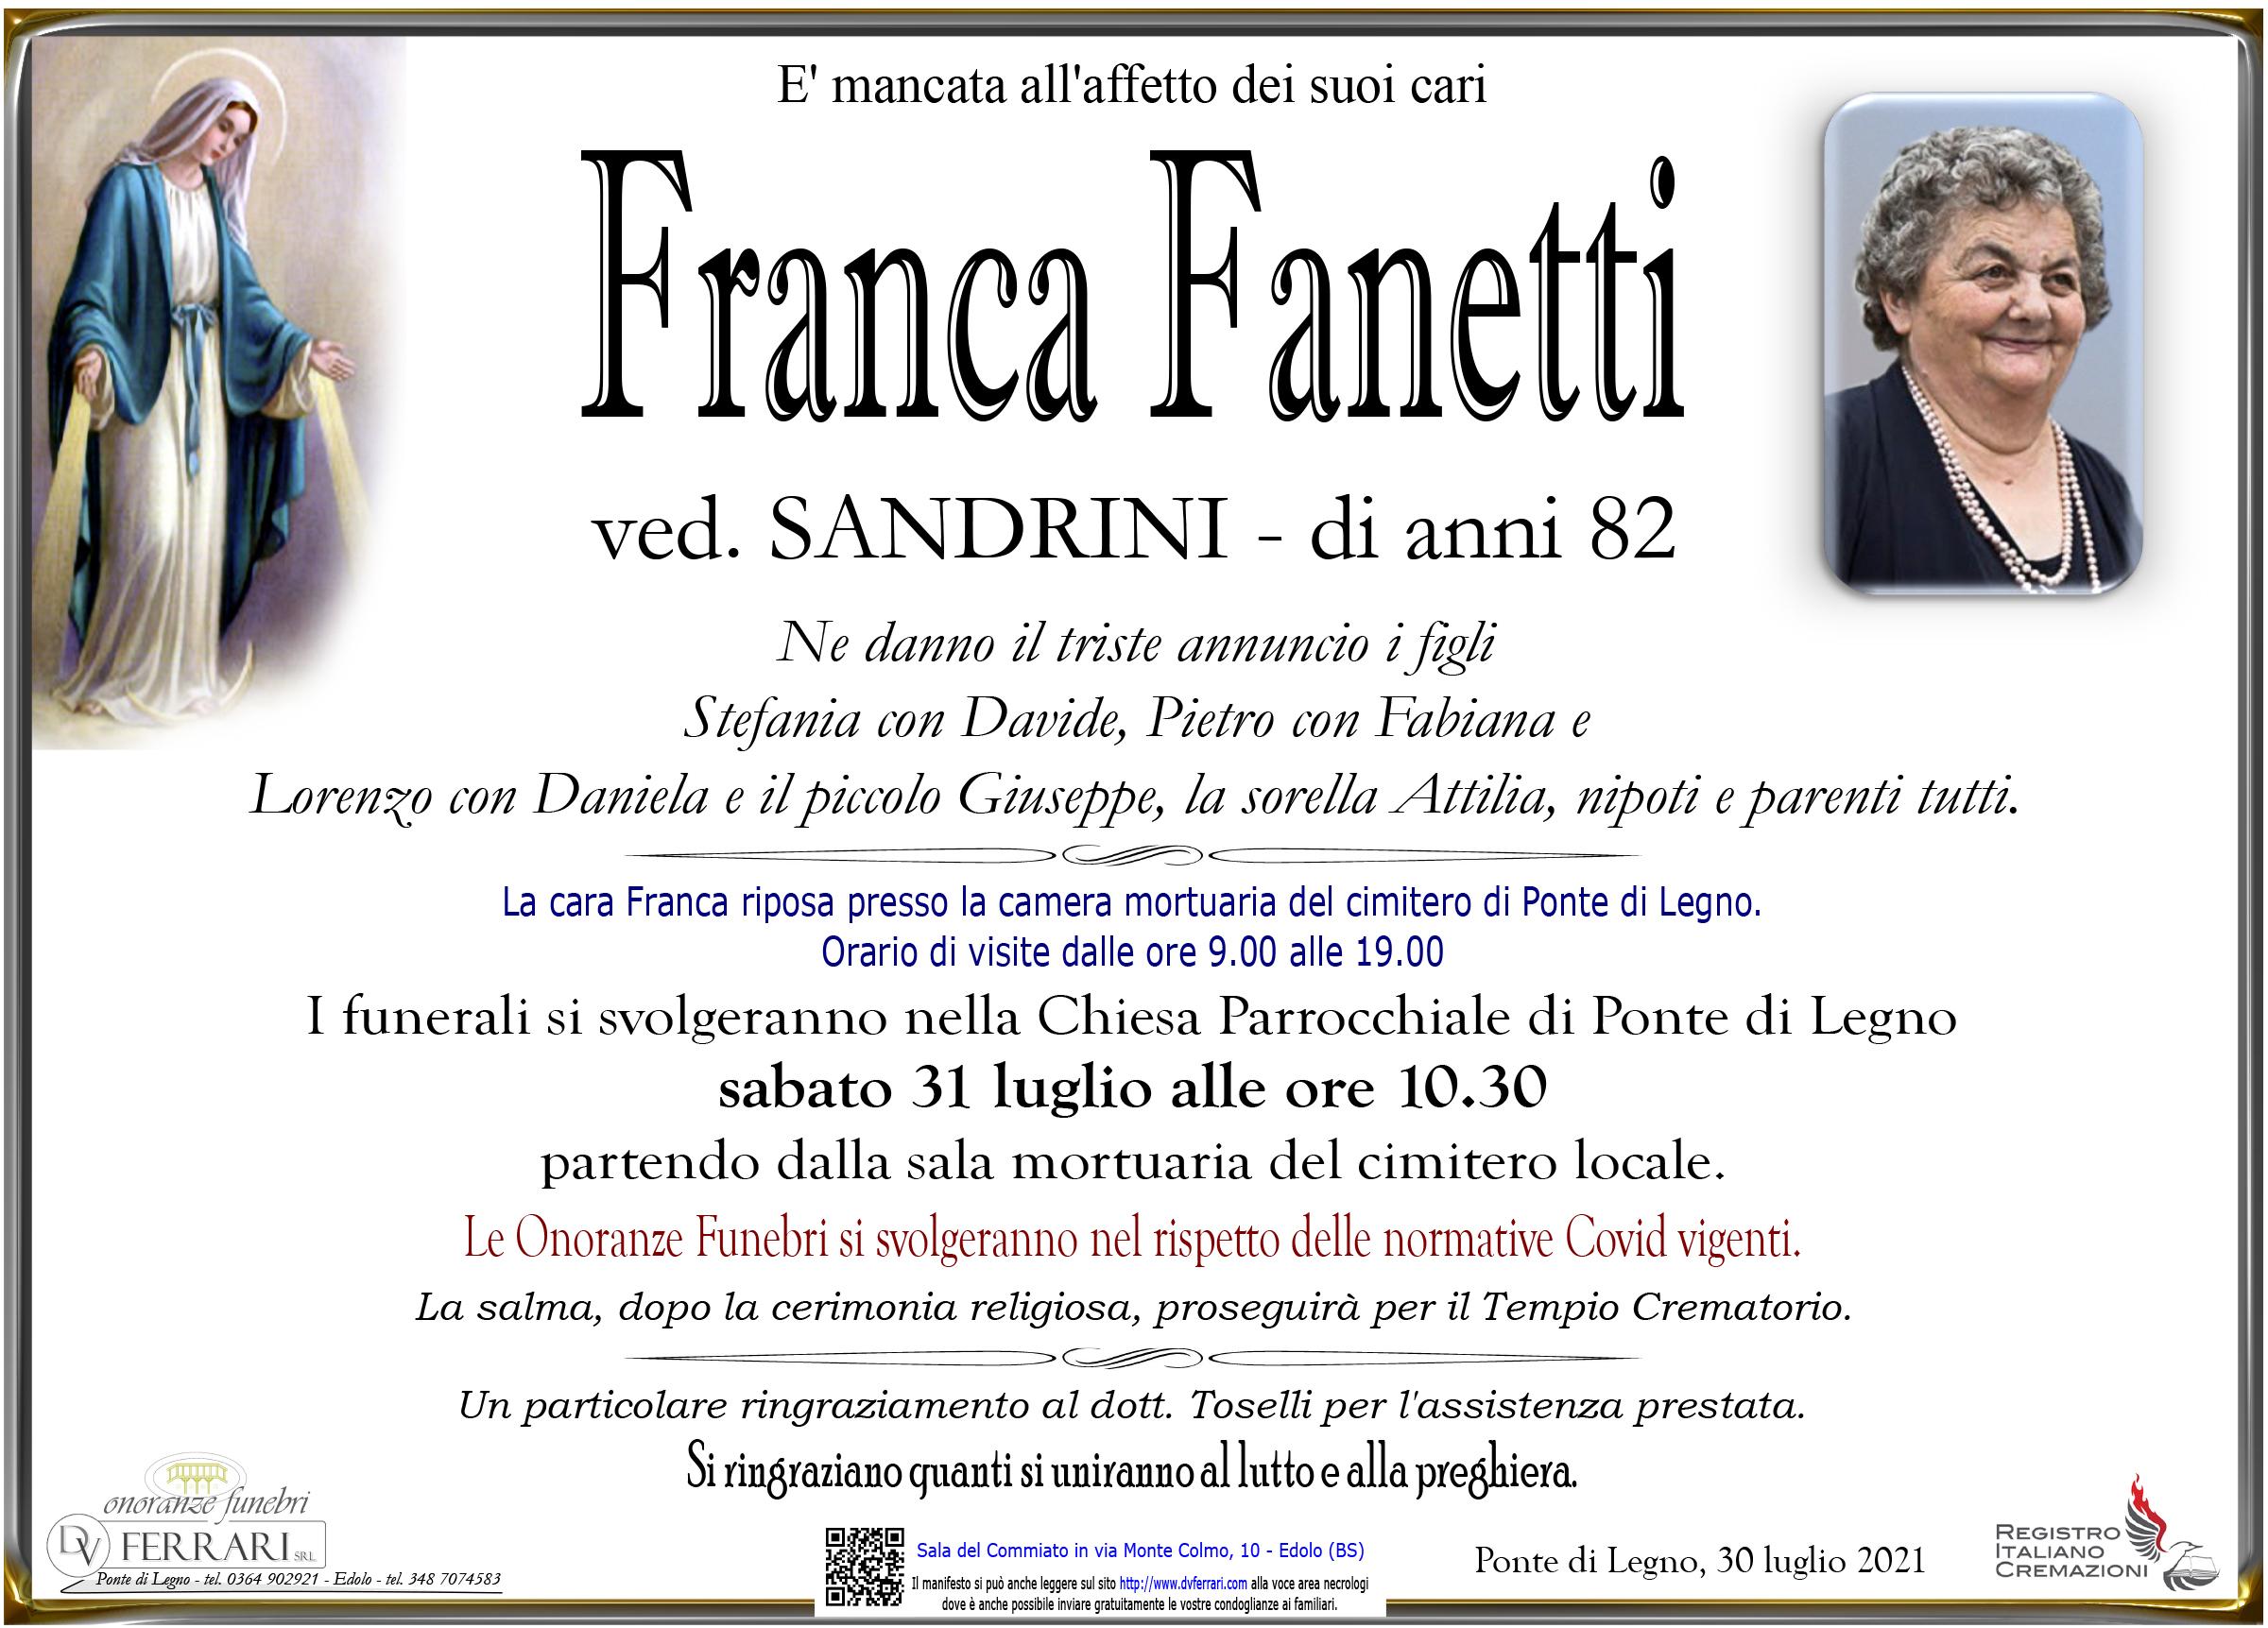 FRANCA FANETTI VED. SANDRINI - PONTE DI LEGNO